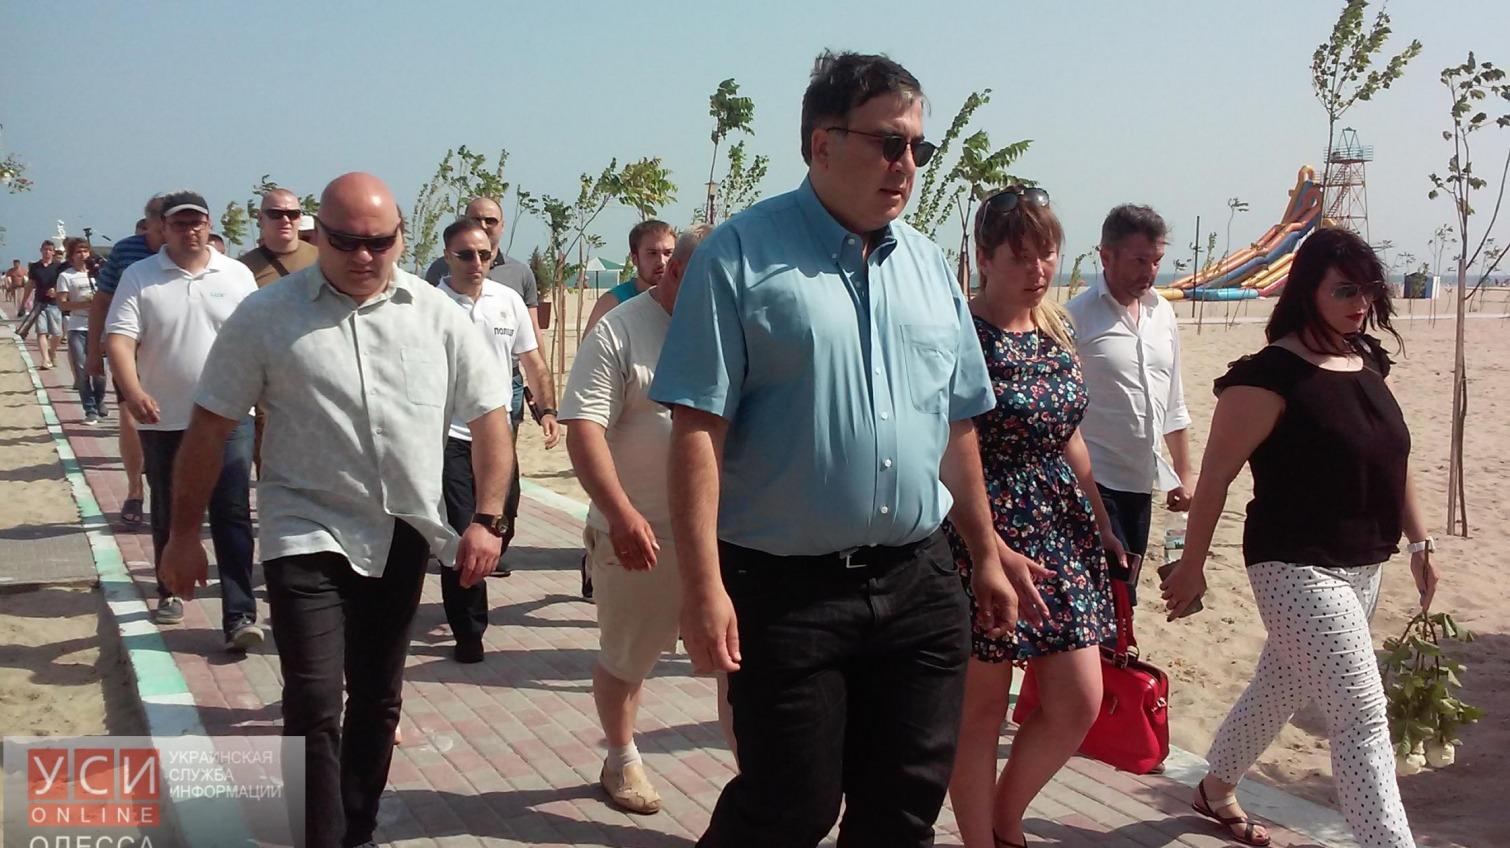 Михеил Саакашвили проверил базу «Надзбруччя», где неделю назад утонули четверо людей «фото»